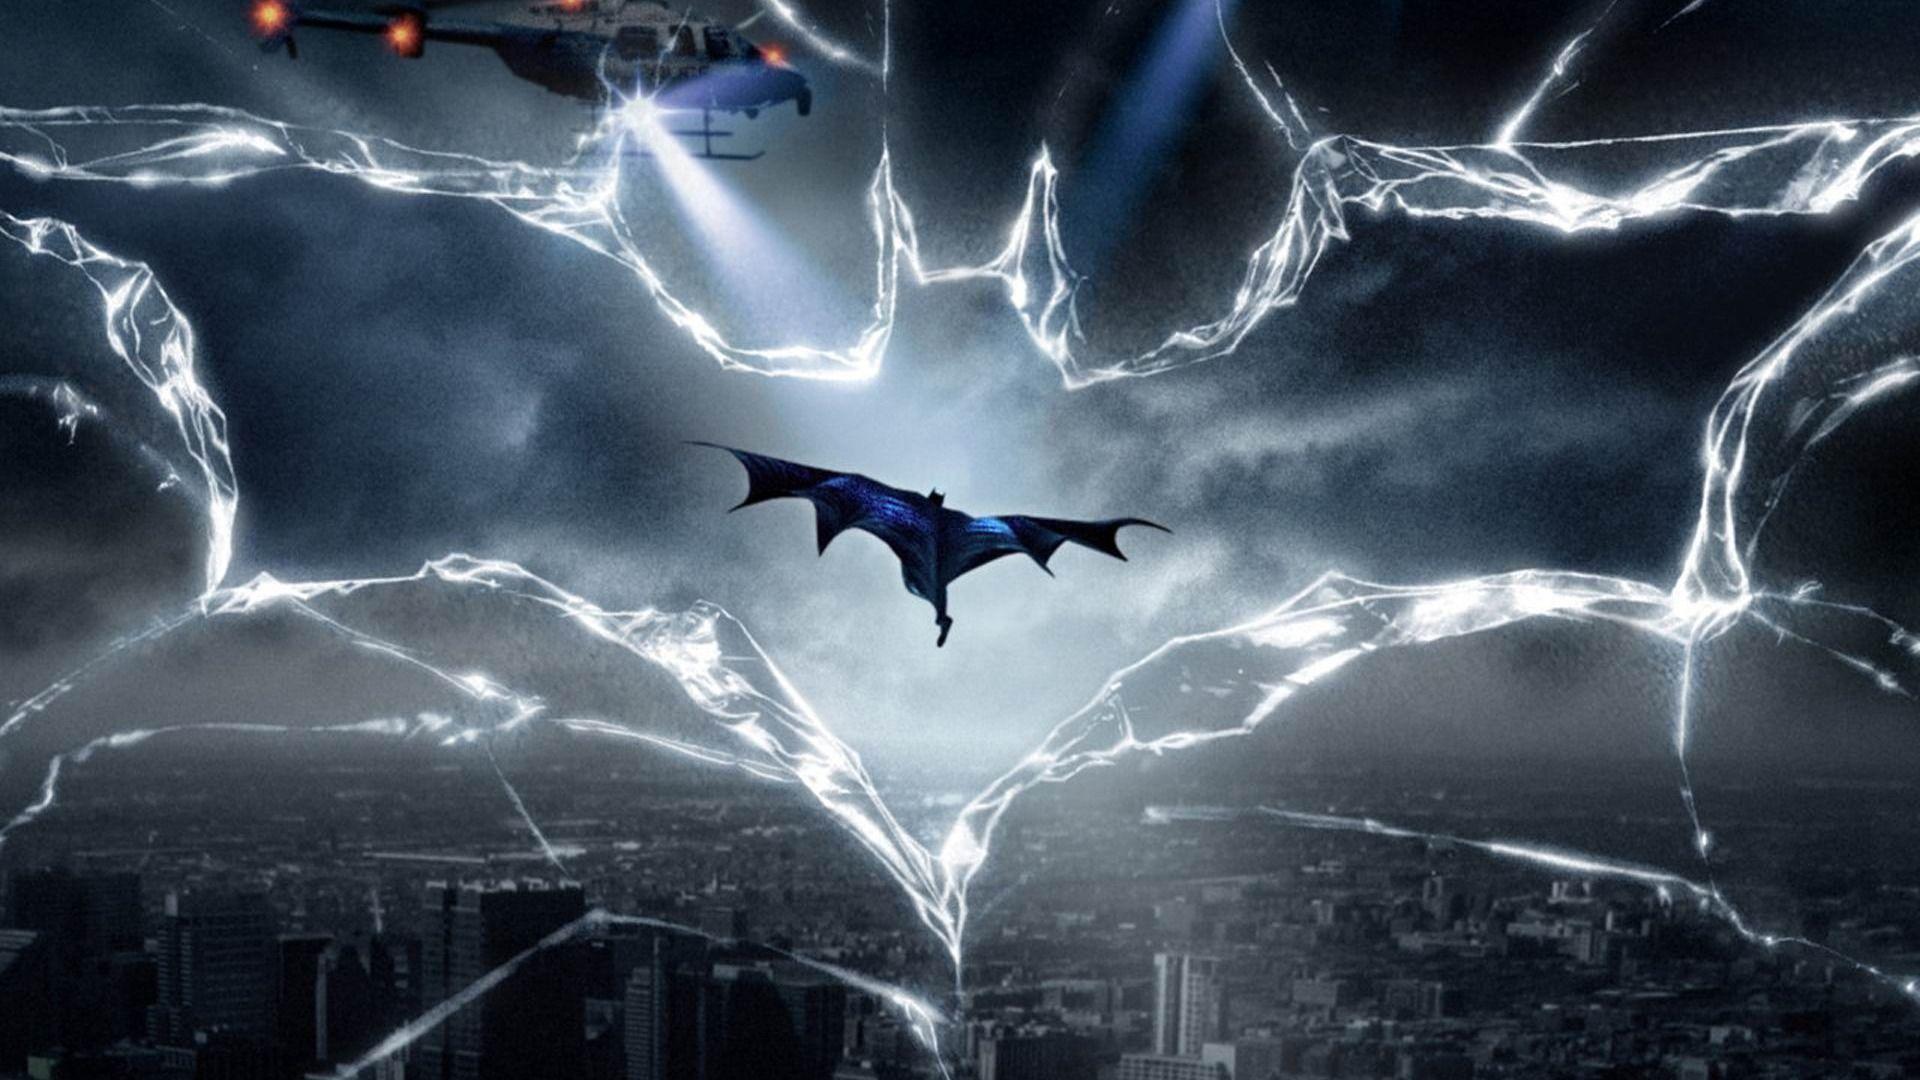 69 The Dark Knight Hd Wallpaper On Wallpapersafari